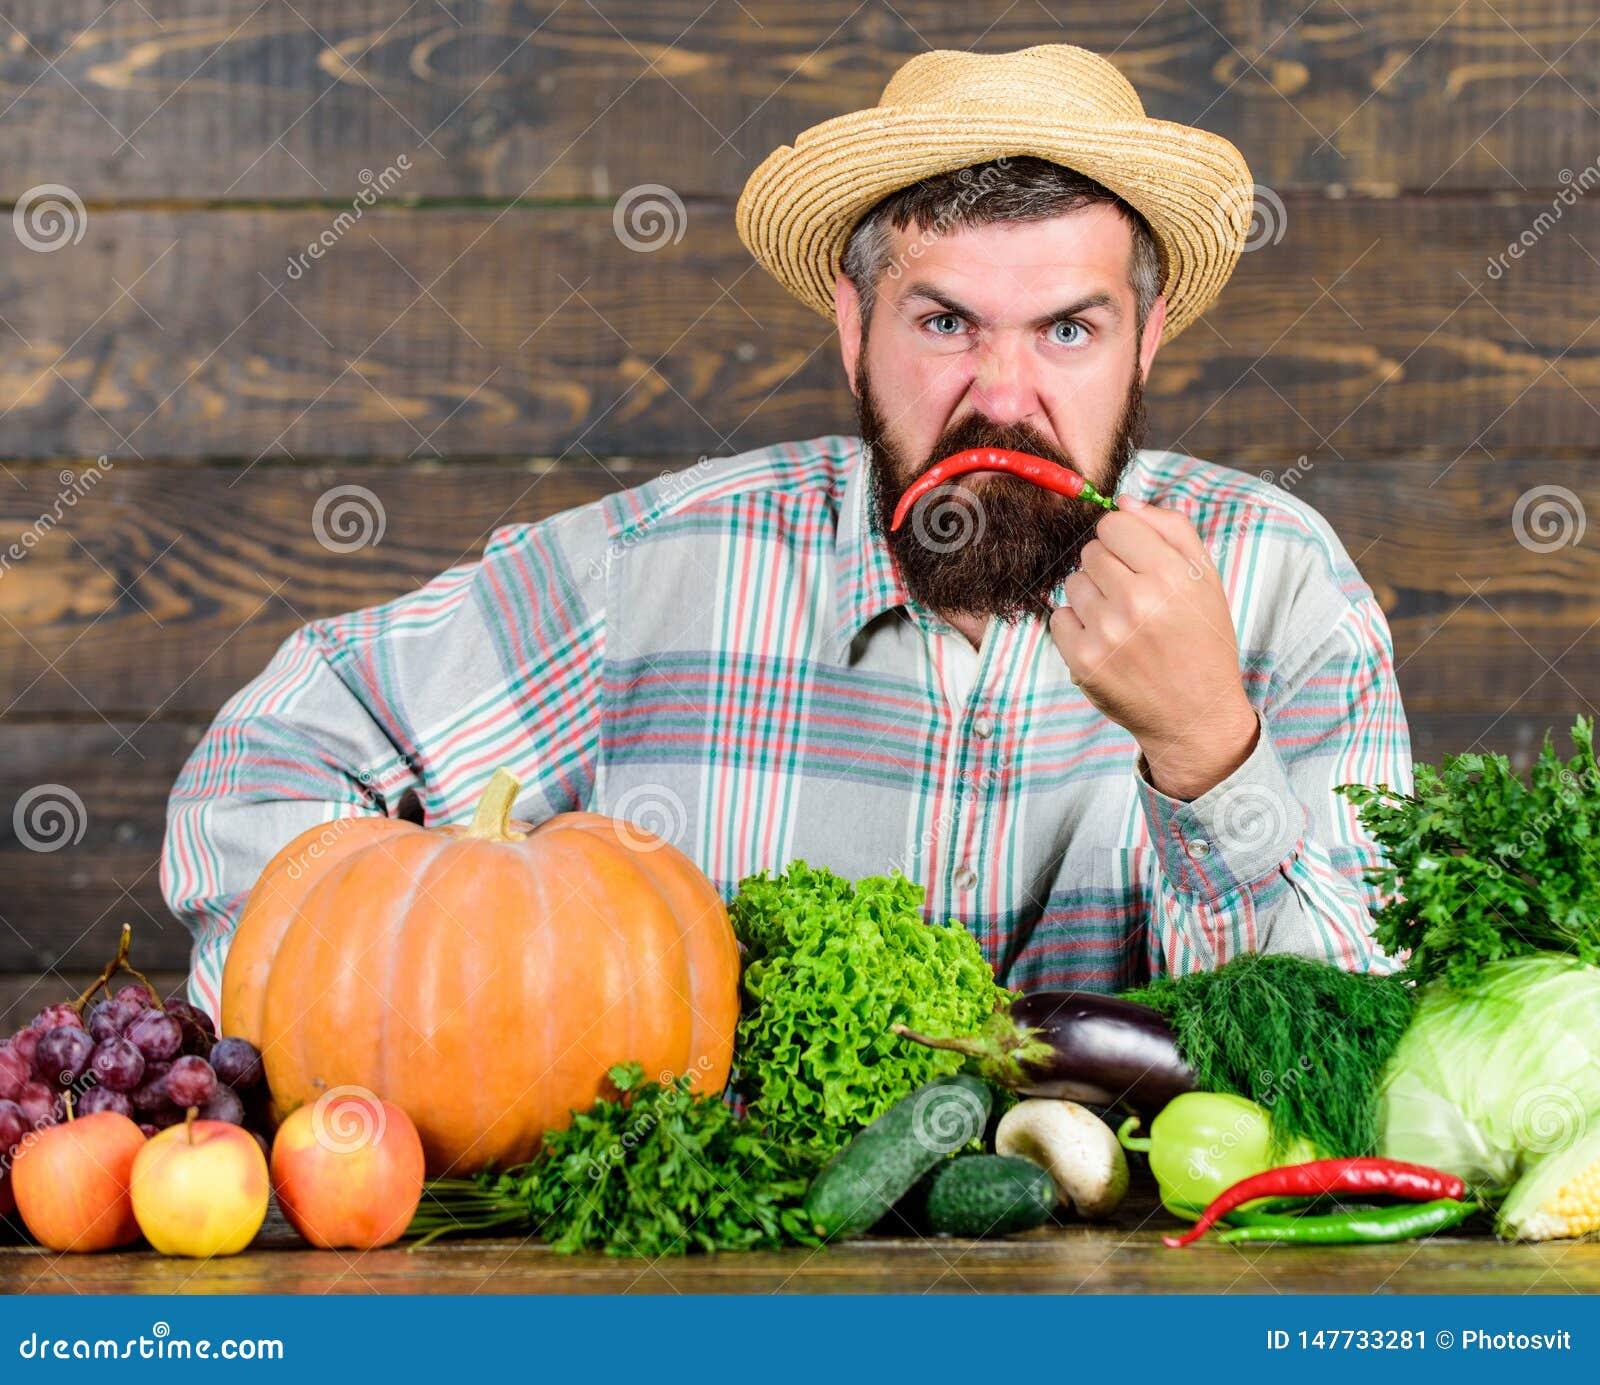 Excellents l?gumes de qualit? Homme avec la barbe fi?re de son fond en bois de l?gumes de r?colte Agriculteur avec organique